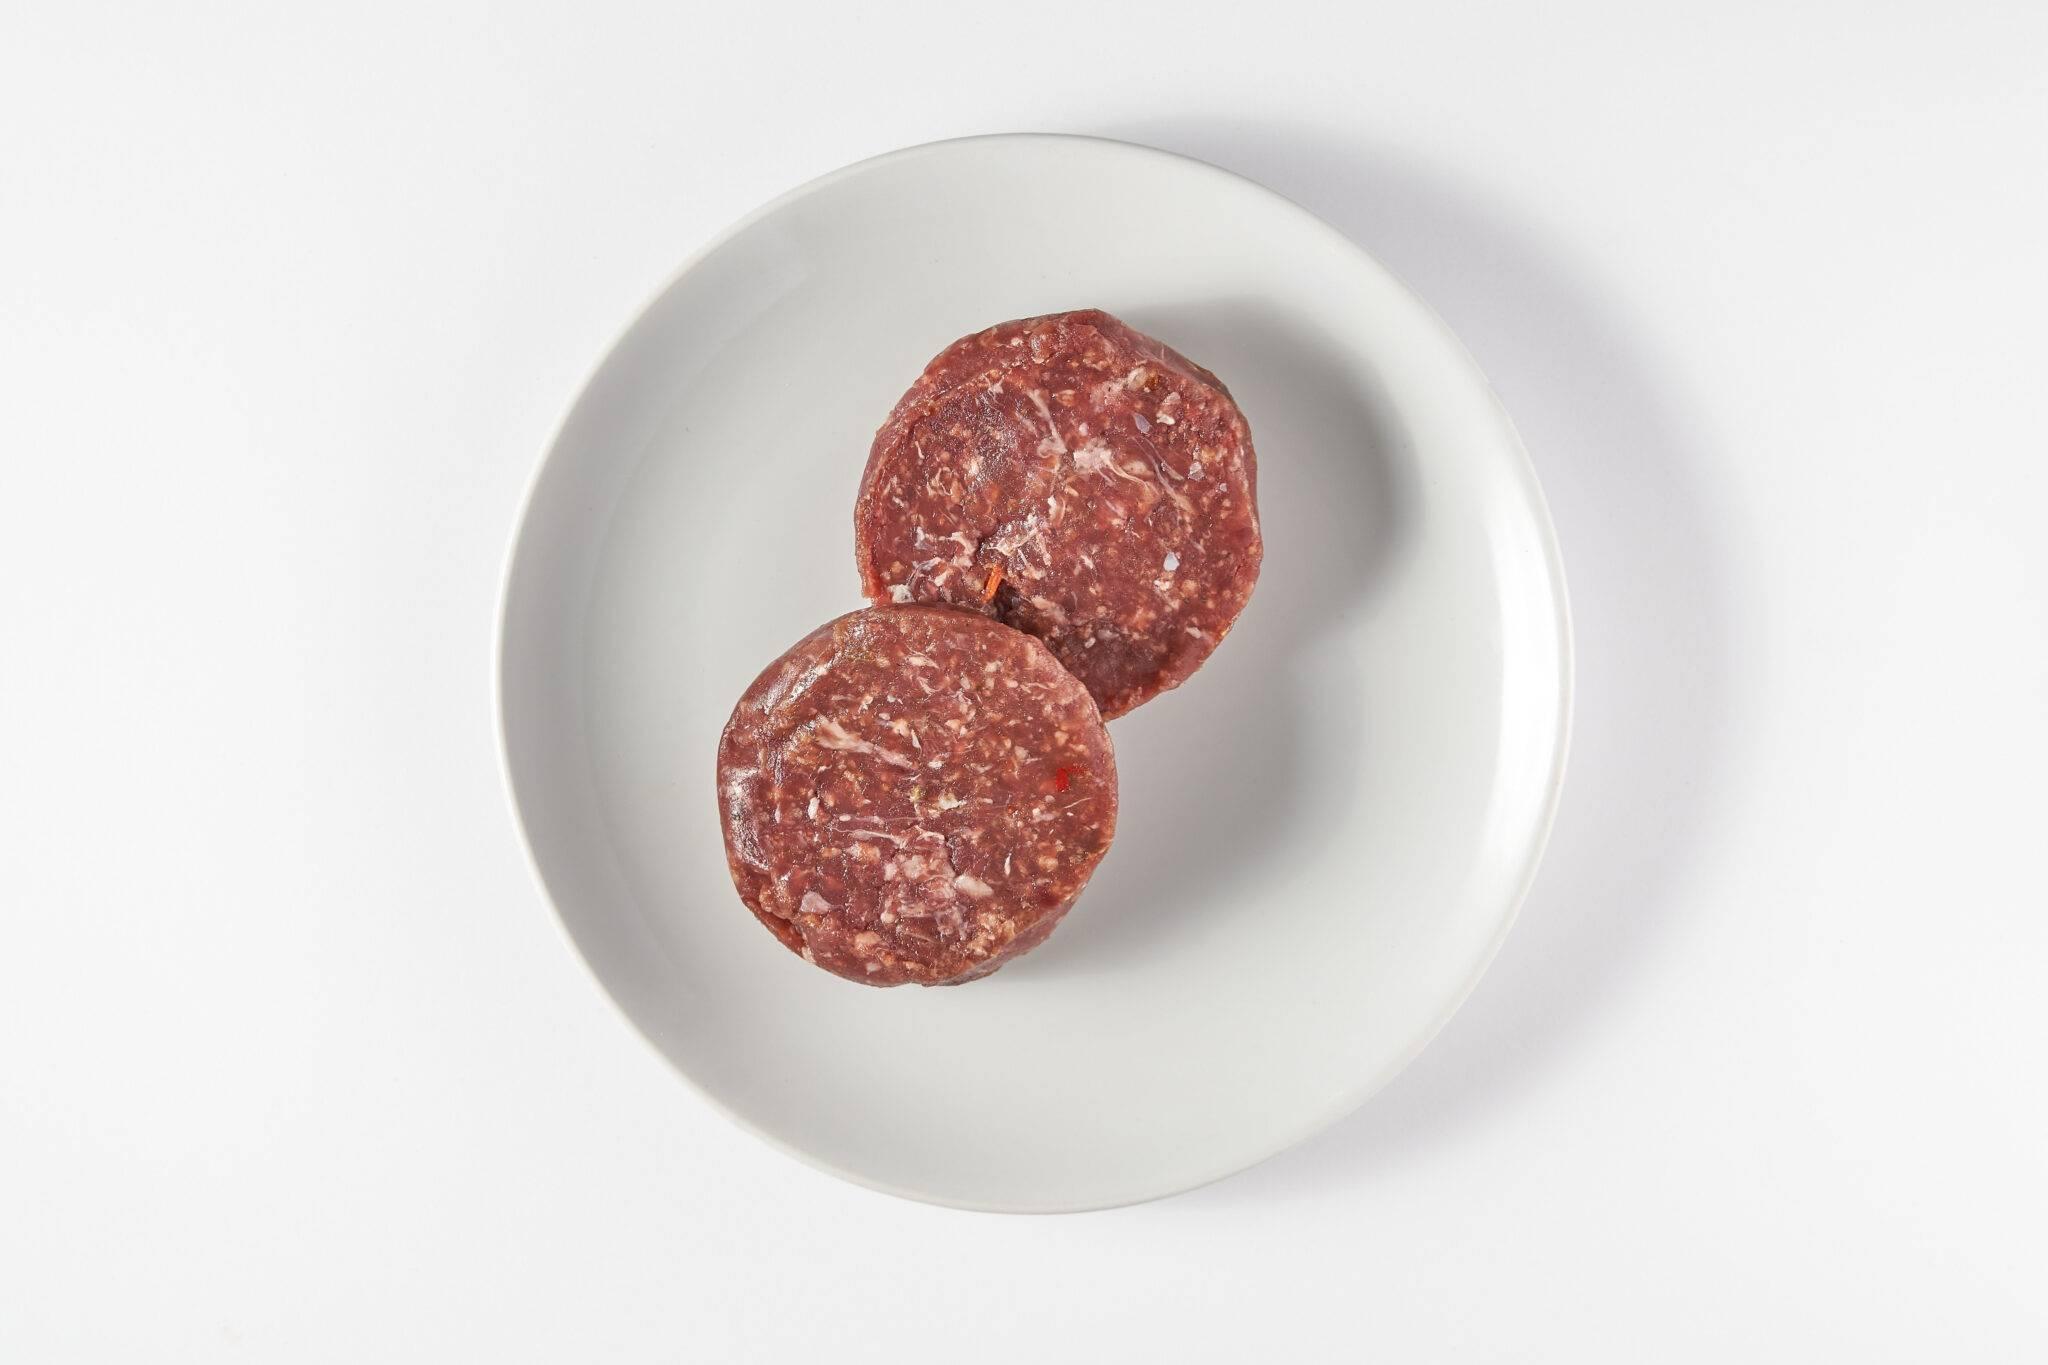 Vleesch & Co wildburger